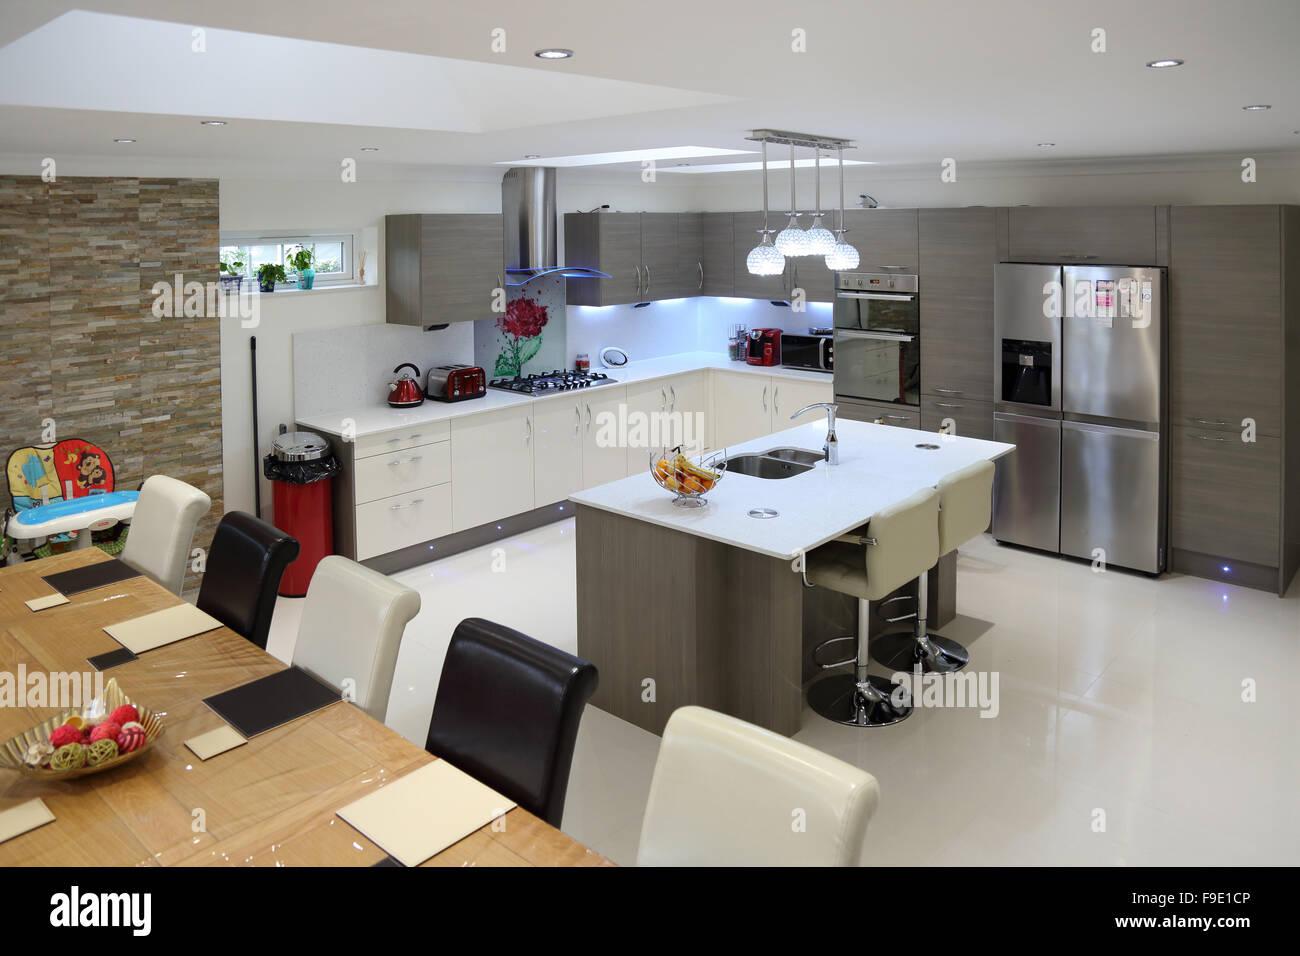 Küche-Esszimmer in einem neu renovierten Haus mit Küchenzeile ...